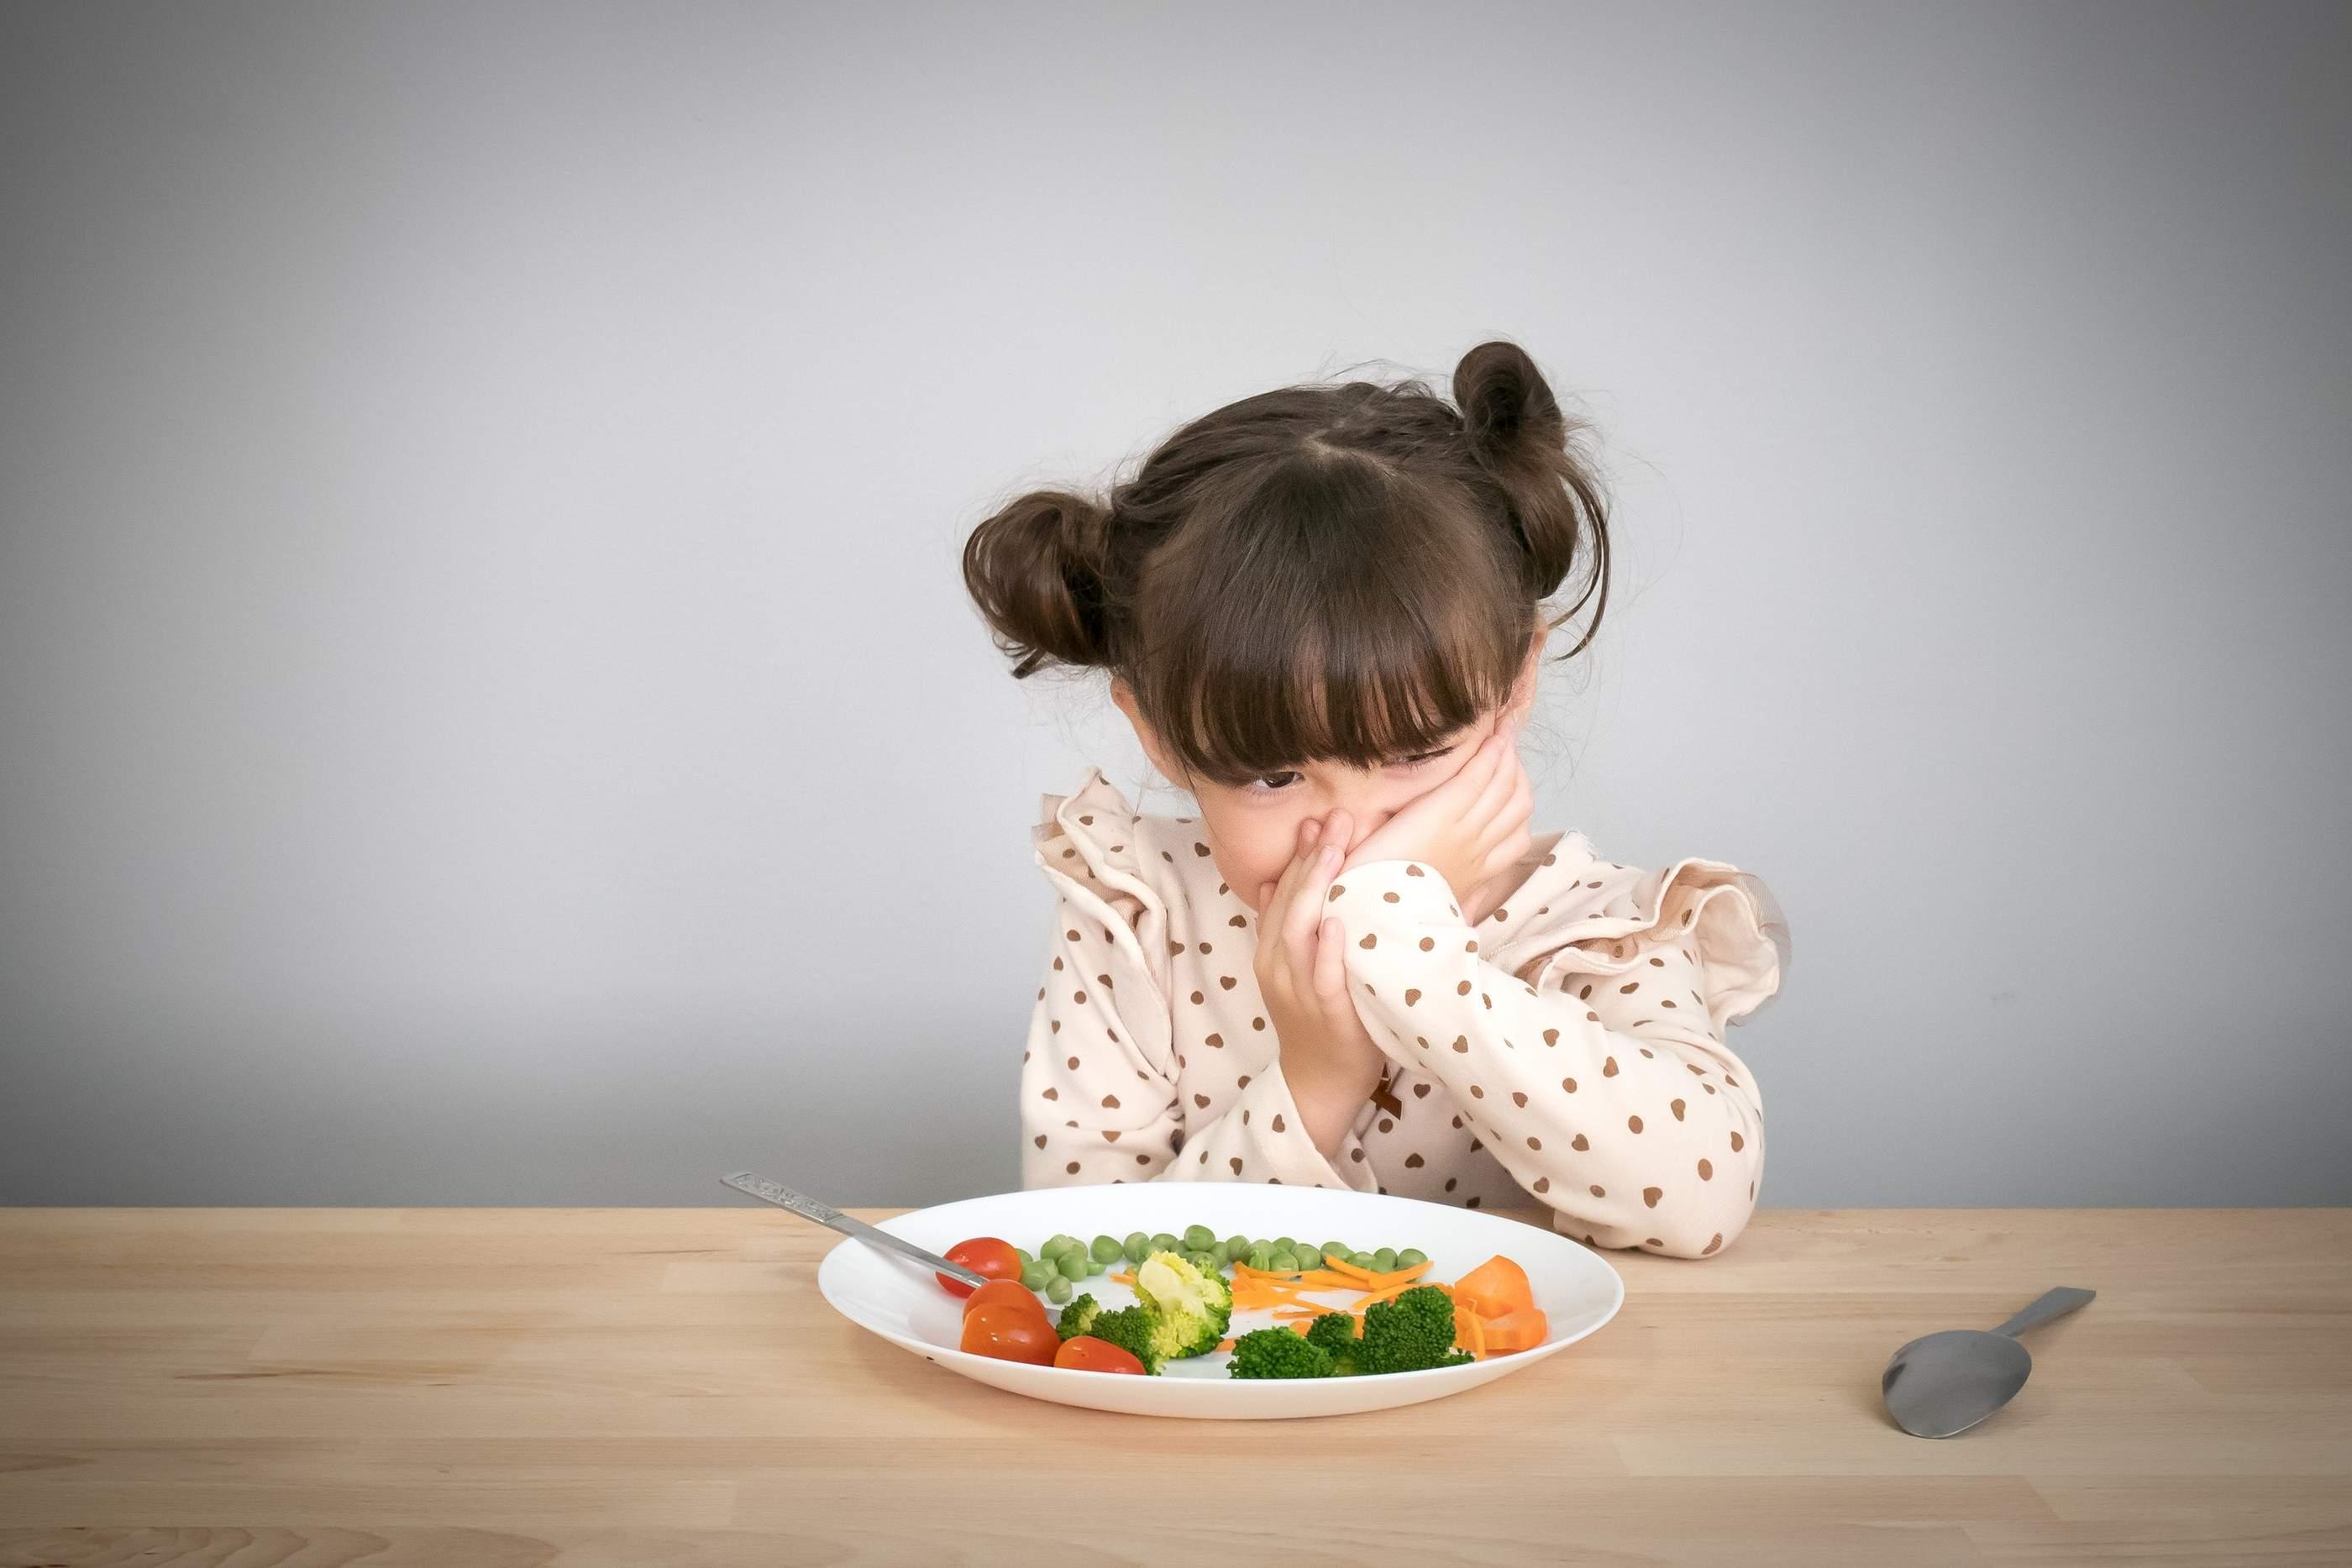 فقدان الشهية عند الأطفال وأفكار ذكية لفتح شهية الطفل تغذية الطفل فورنونو